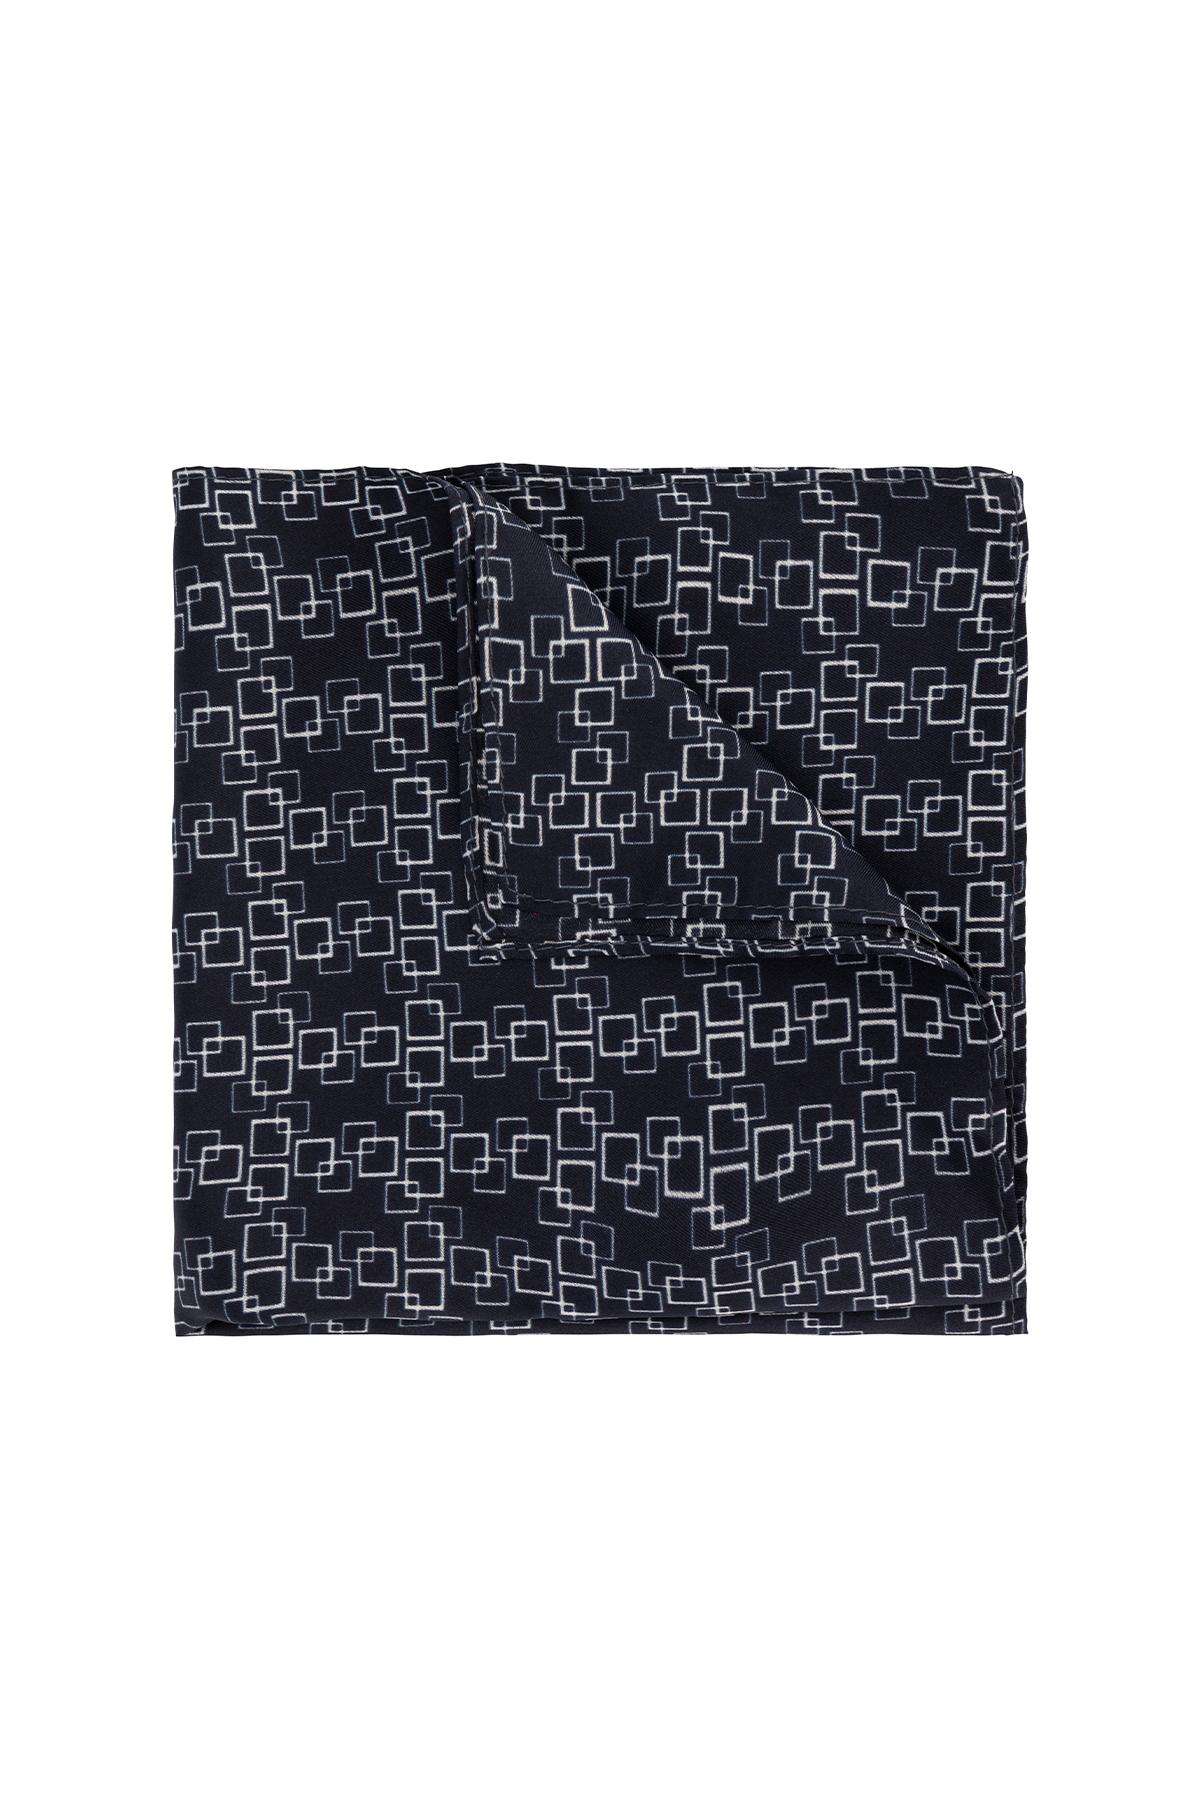 Pañuelo marca Robert´s color negro cuadros .